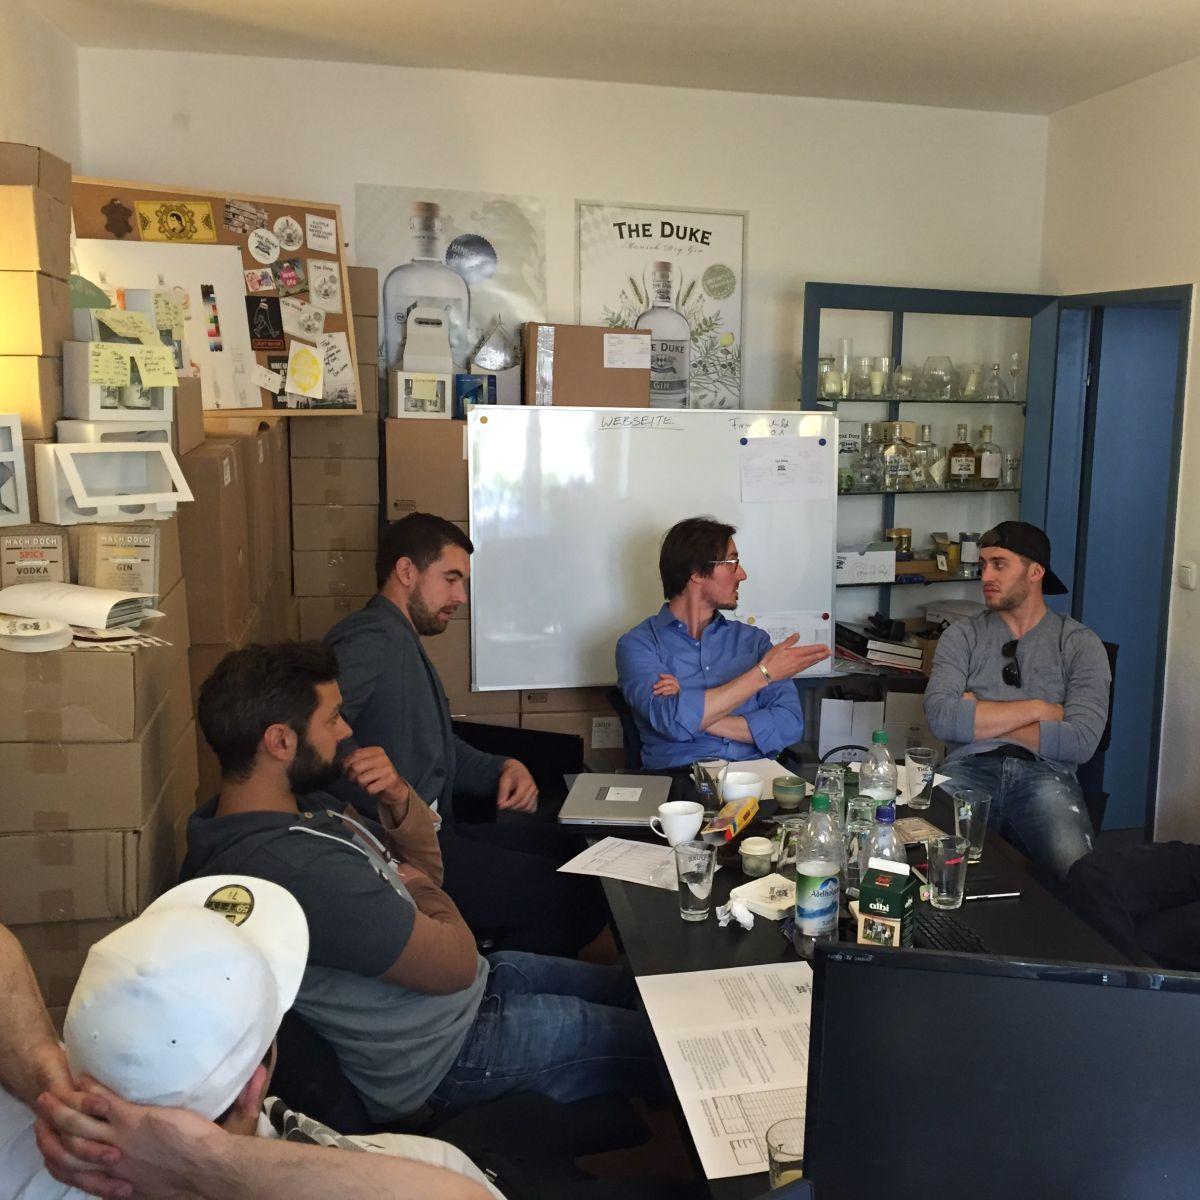 Gründer Max und die Mitarbeiter der THE DUKE Destillerie halten ein Meeting ab - eingekesselt von Kartons